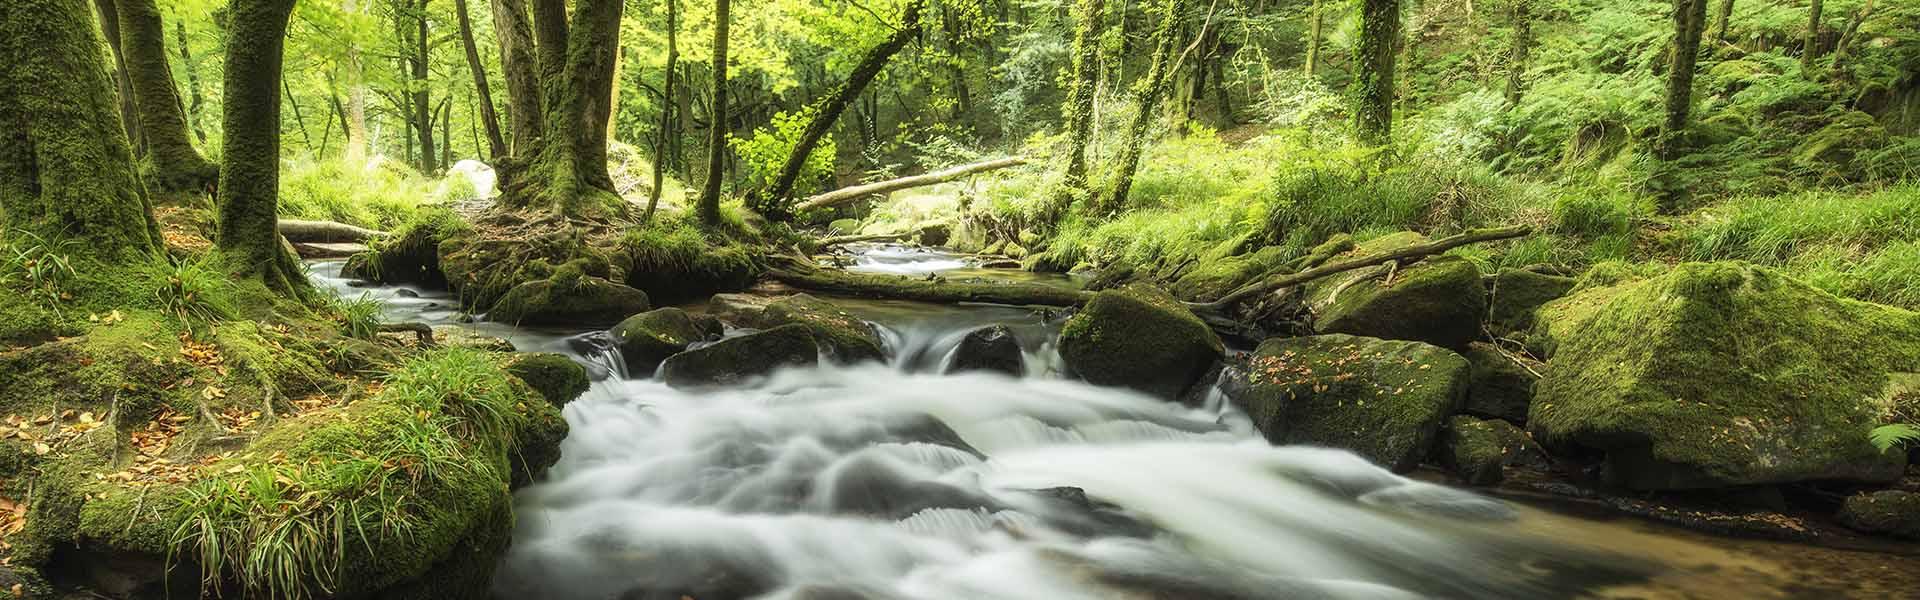 river running through devon forest